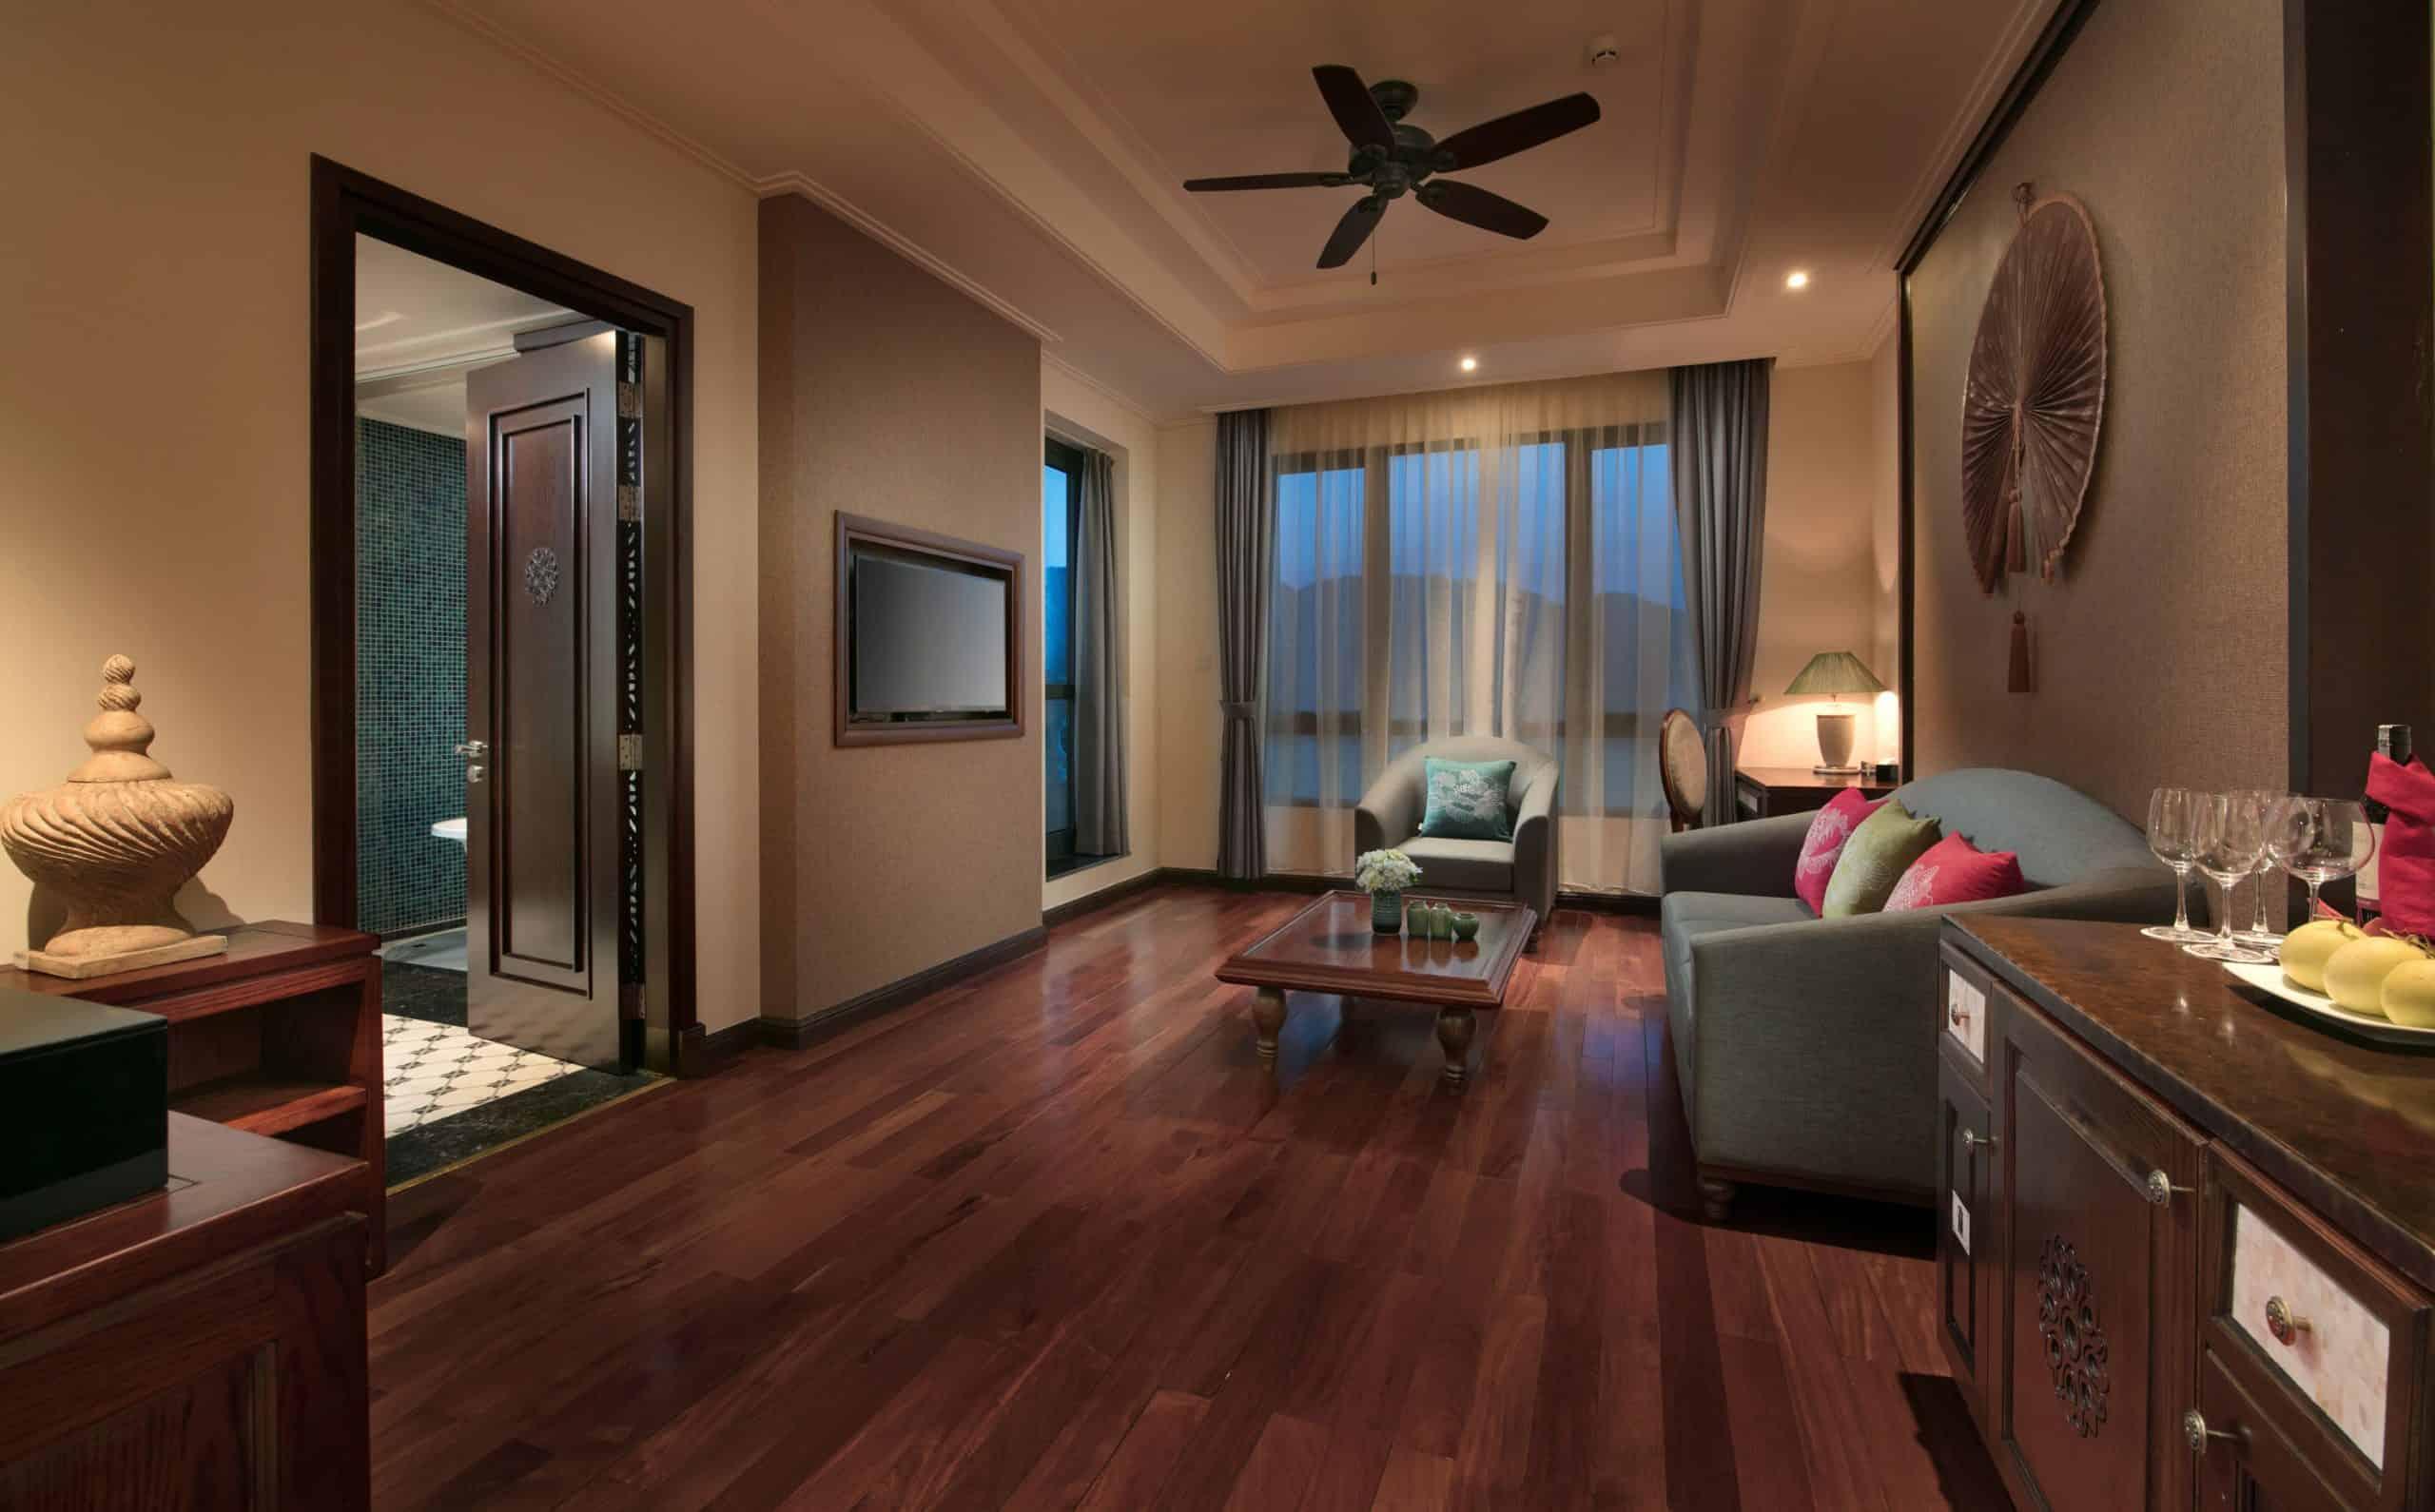 Không gian phòng khách đầy đủ tiện nghi và ấm cúng như ở nhà